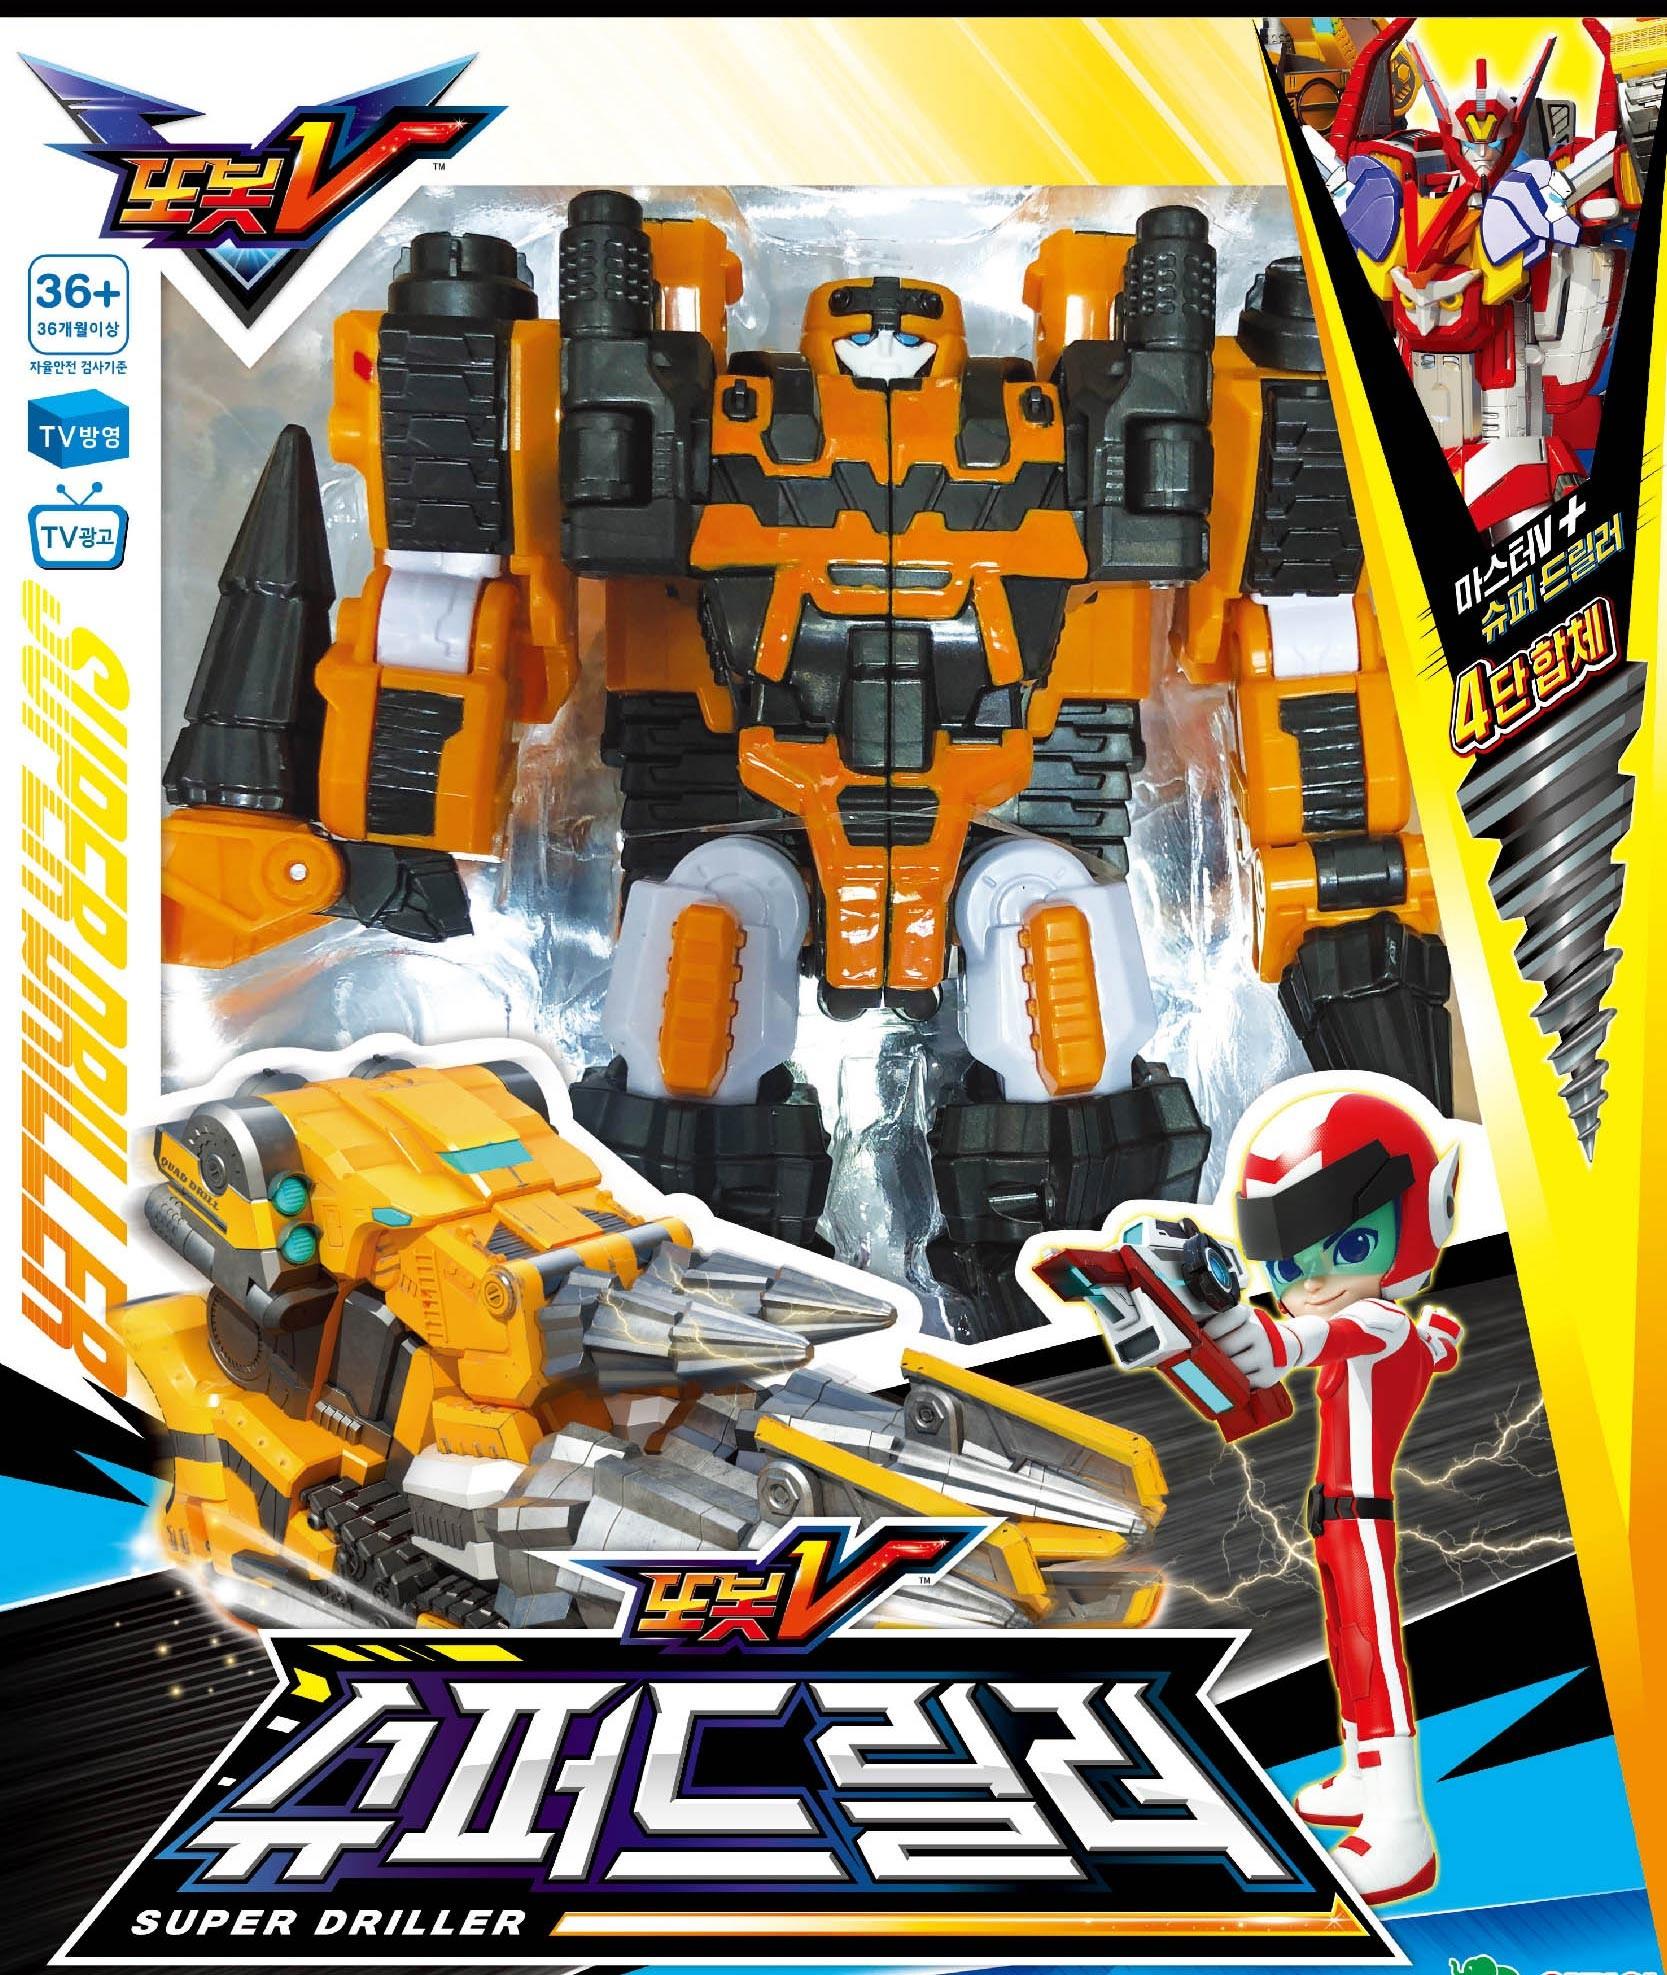 Tobot V Super Driller Transformer Robot Toy